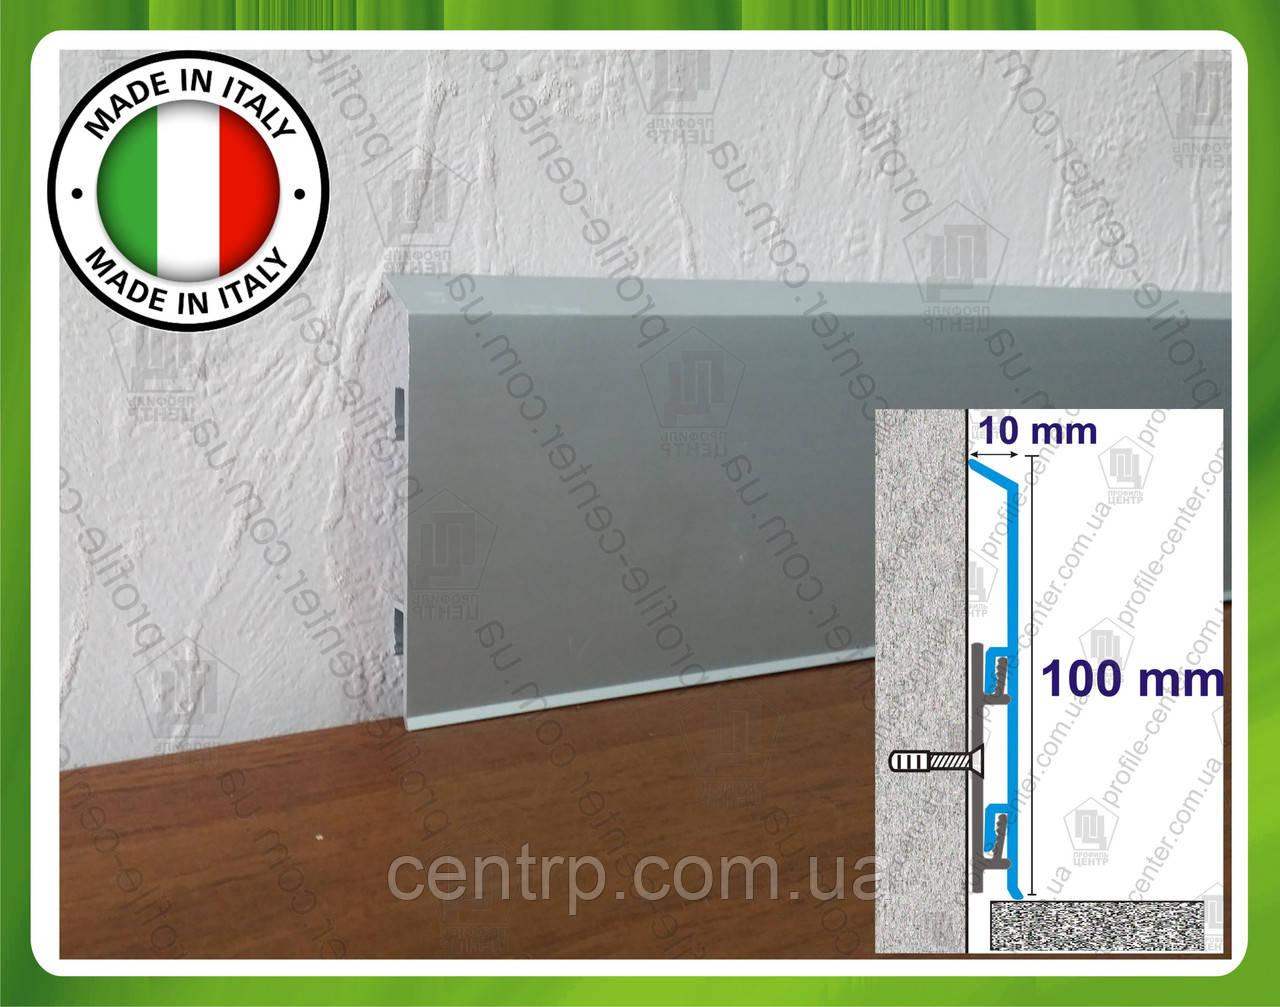 Алюминиевый плинтус Profilpas Metal Line 95/10 для пола, высота 100 мм